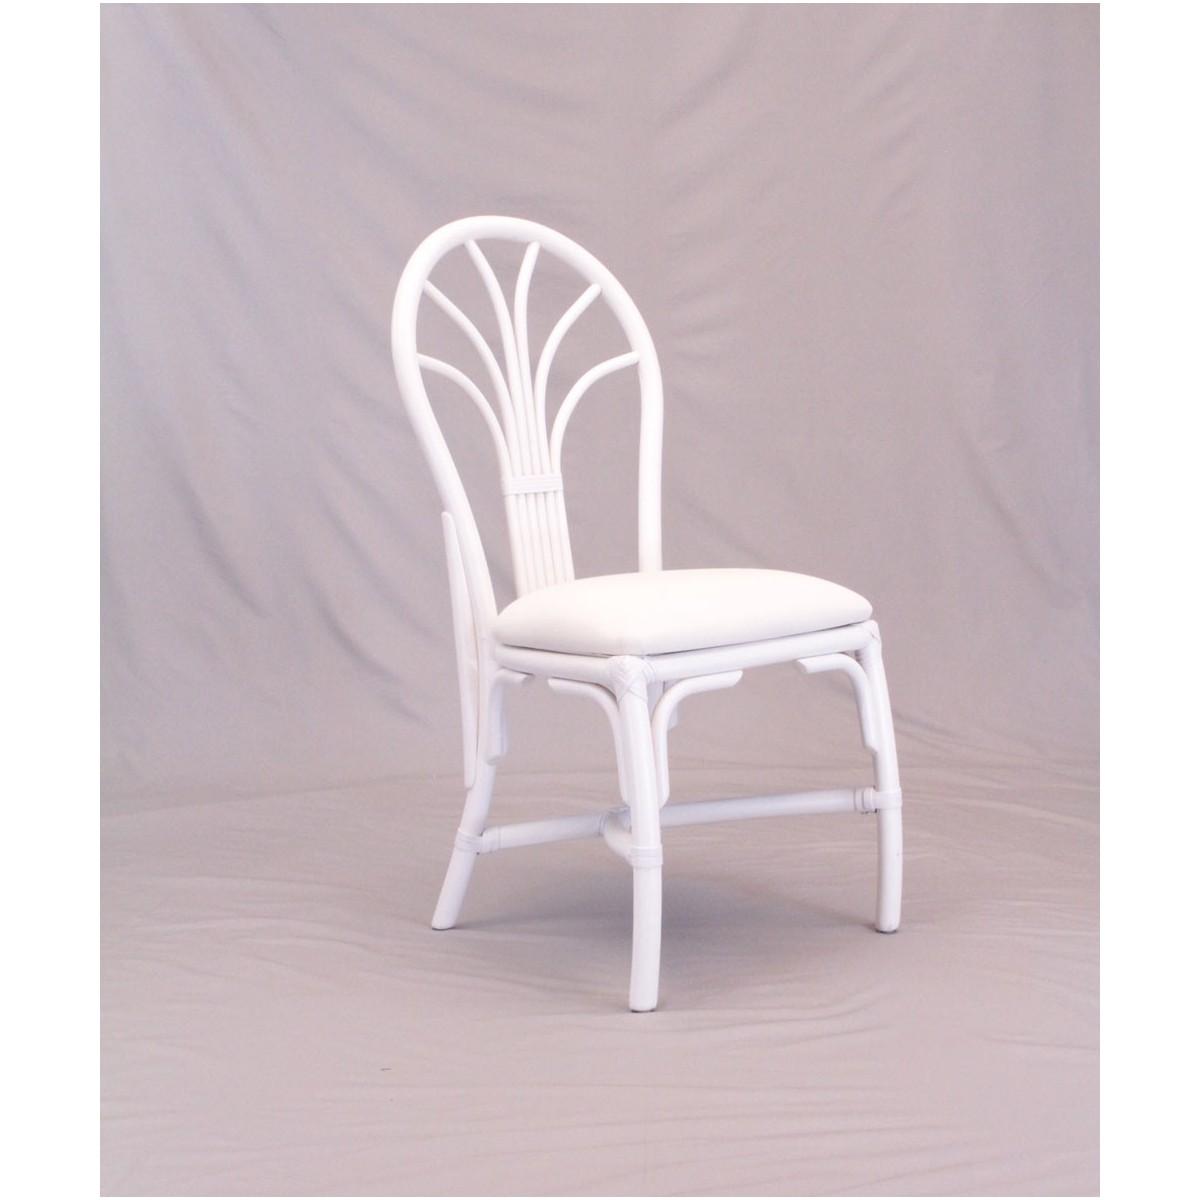 Chaise En Rotin Coloris Blanc Et Forme Arrondie